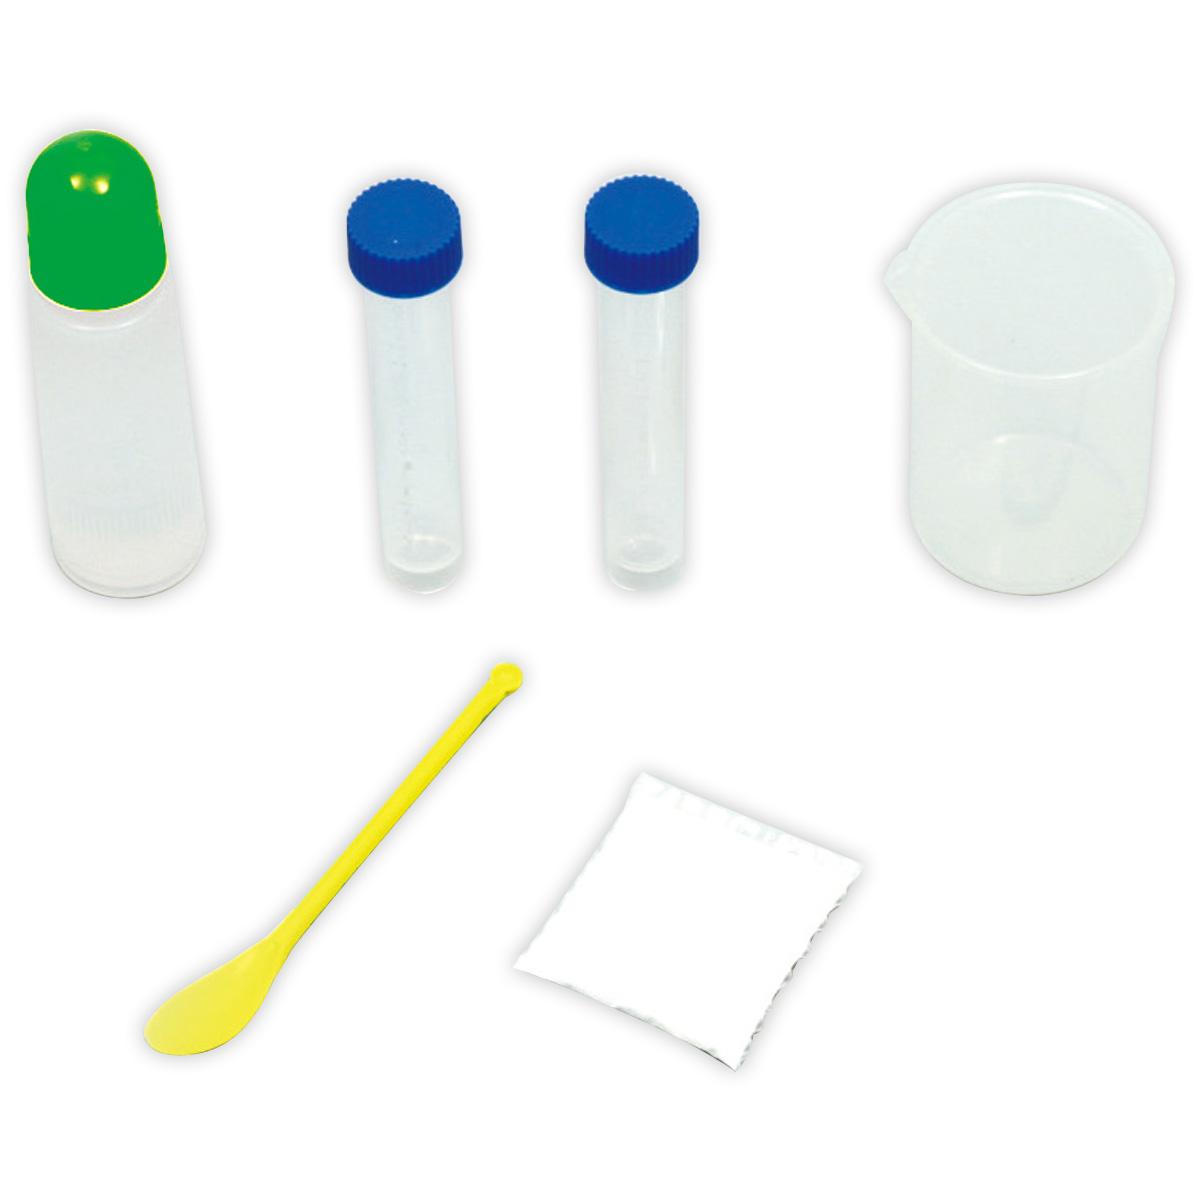 5種類のおもしろ化学実験キット 055818 アーテック 学校教材 試験管 中和 ダイラタンシー チーズ スーパーボール クリスマスプレゼント